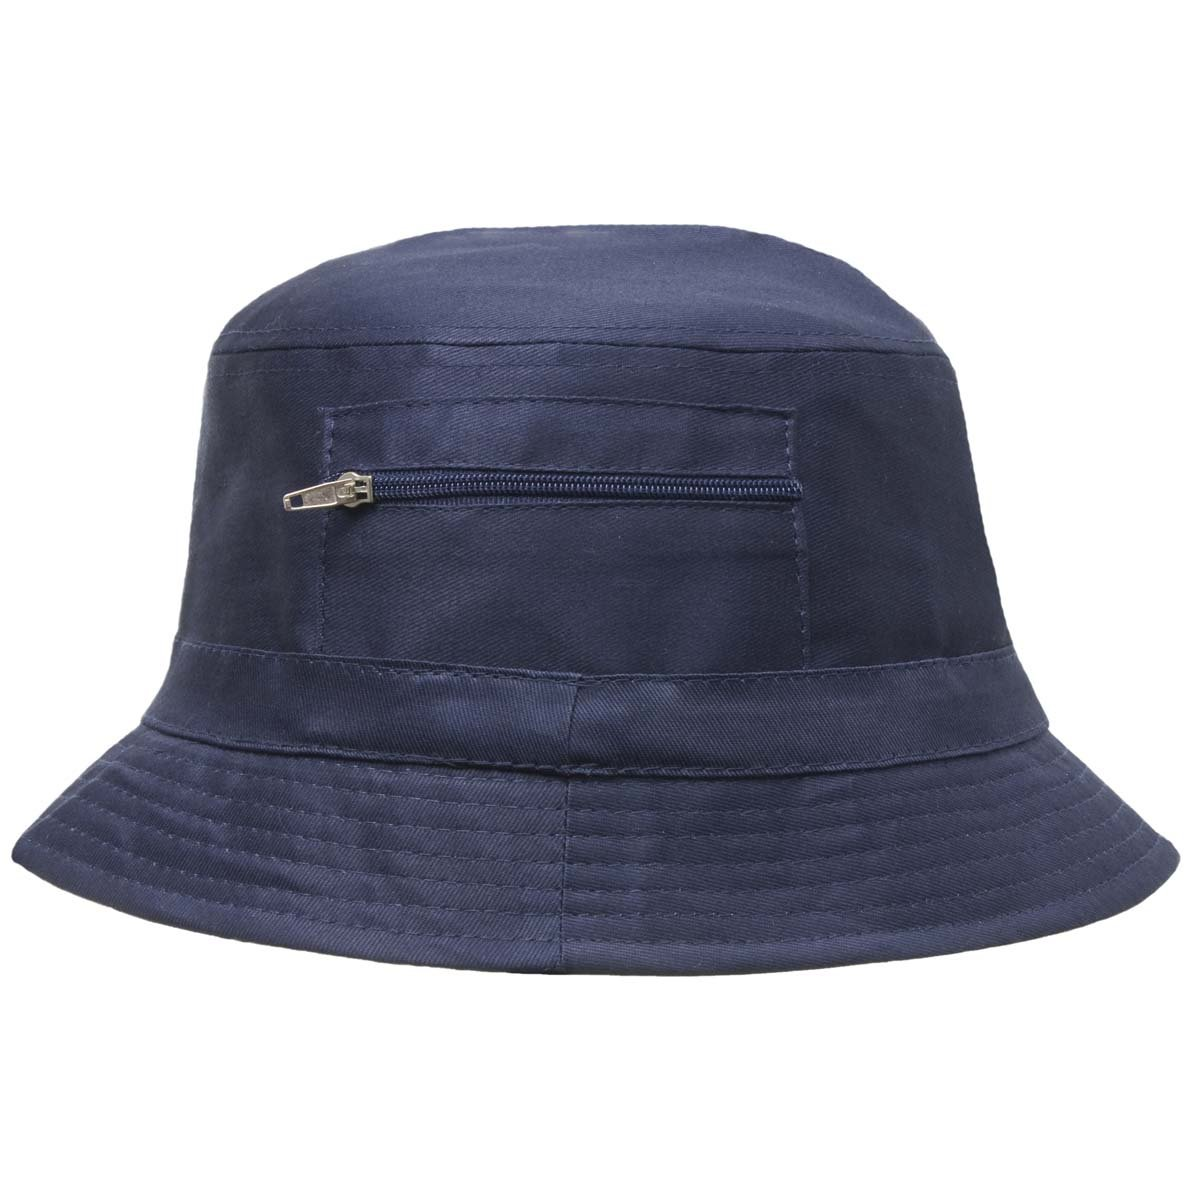 cappello pescatore - 100% cotone 42d3eafa3268